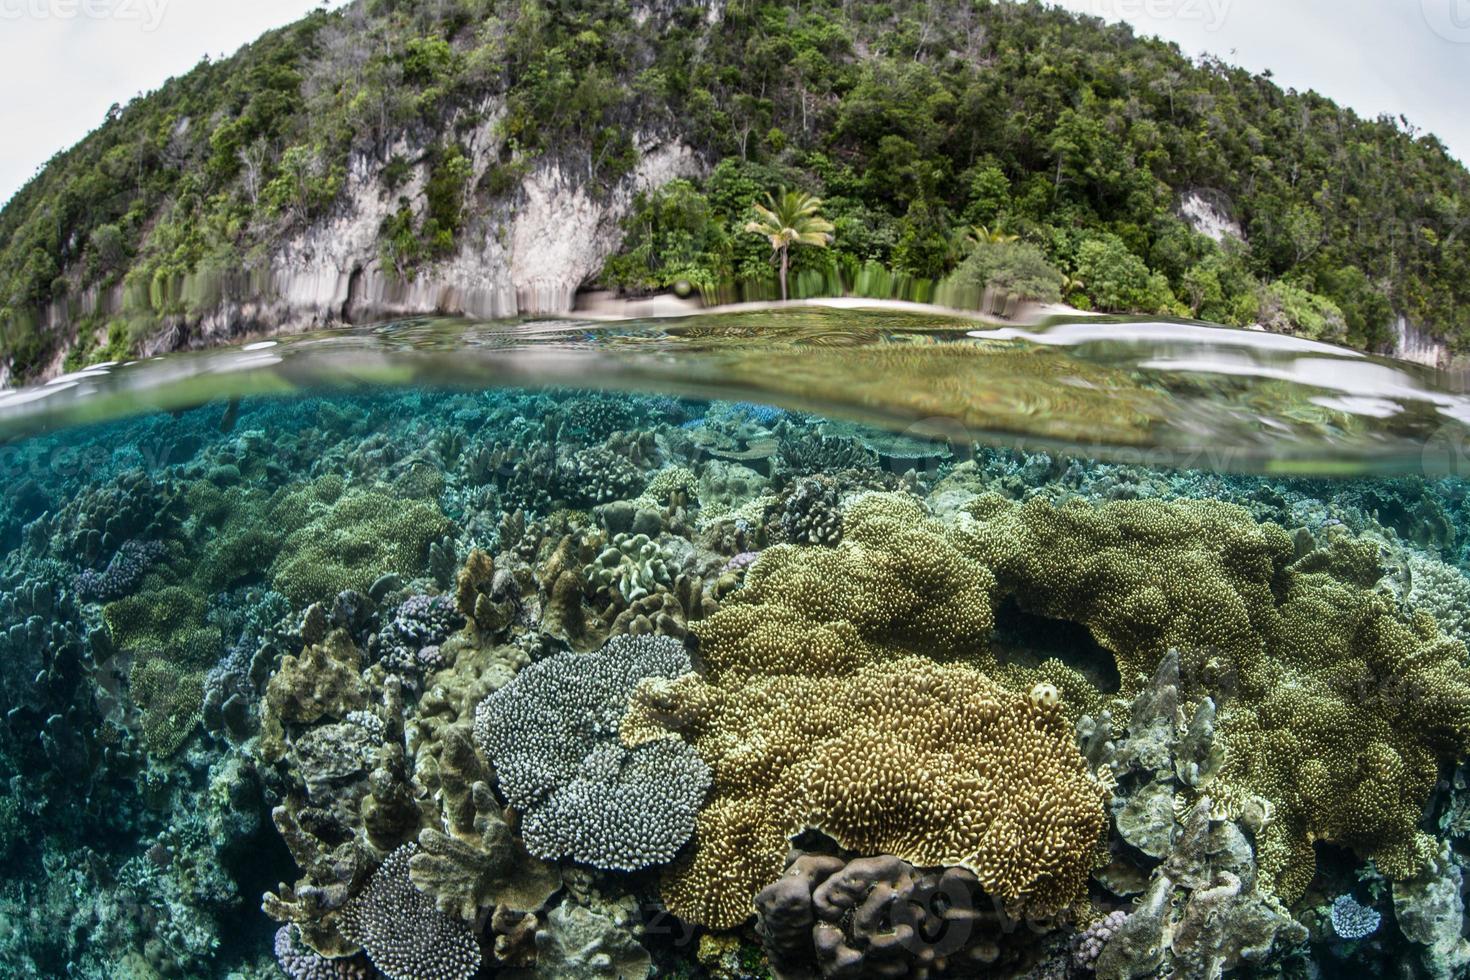 koraalrif in de buurt van kalksteen eiland foto